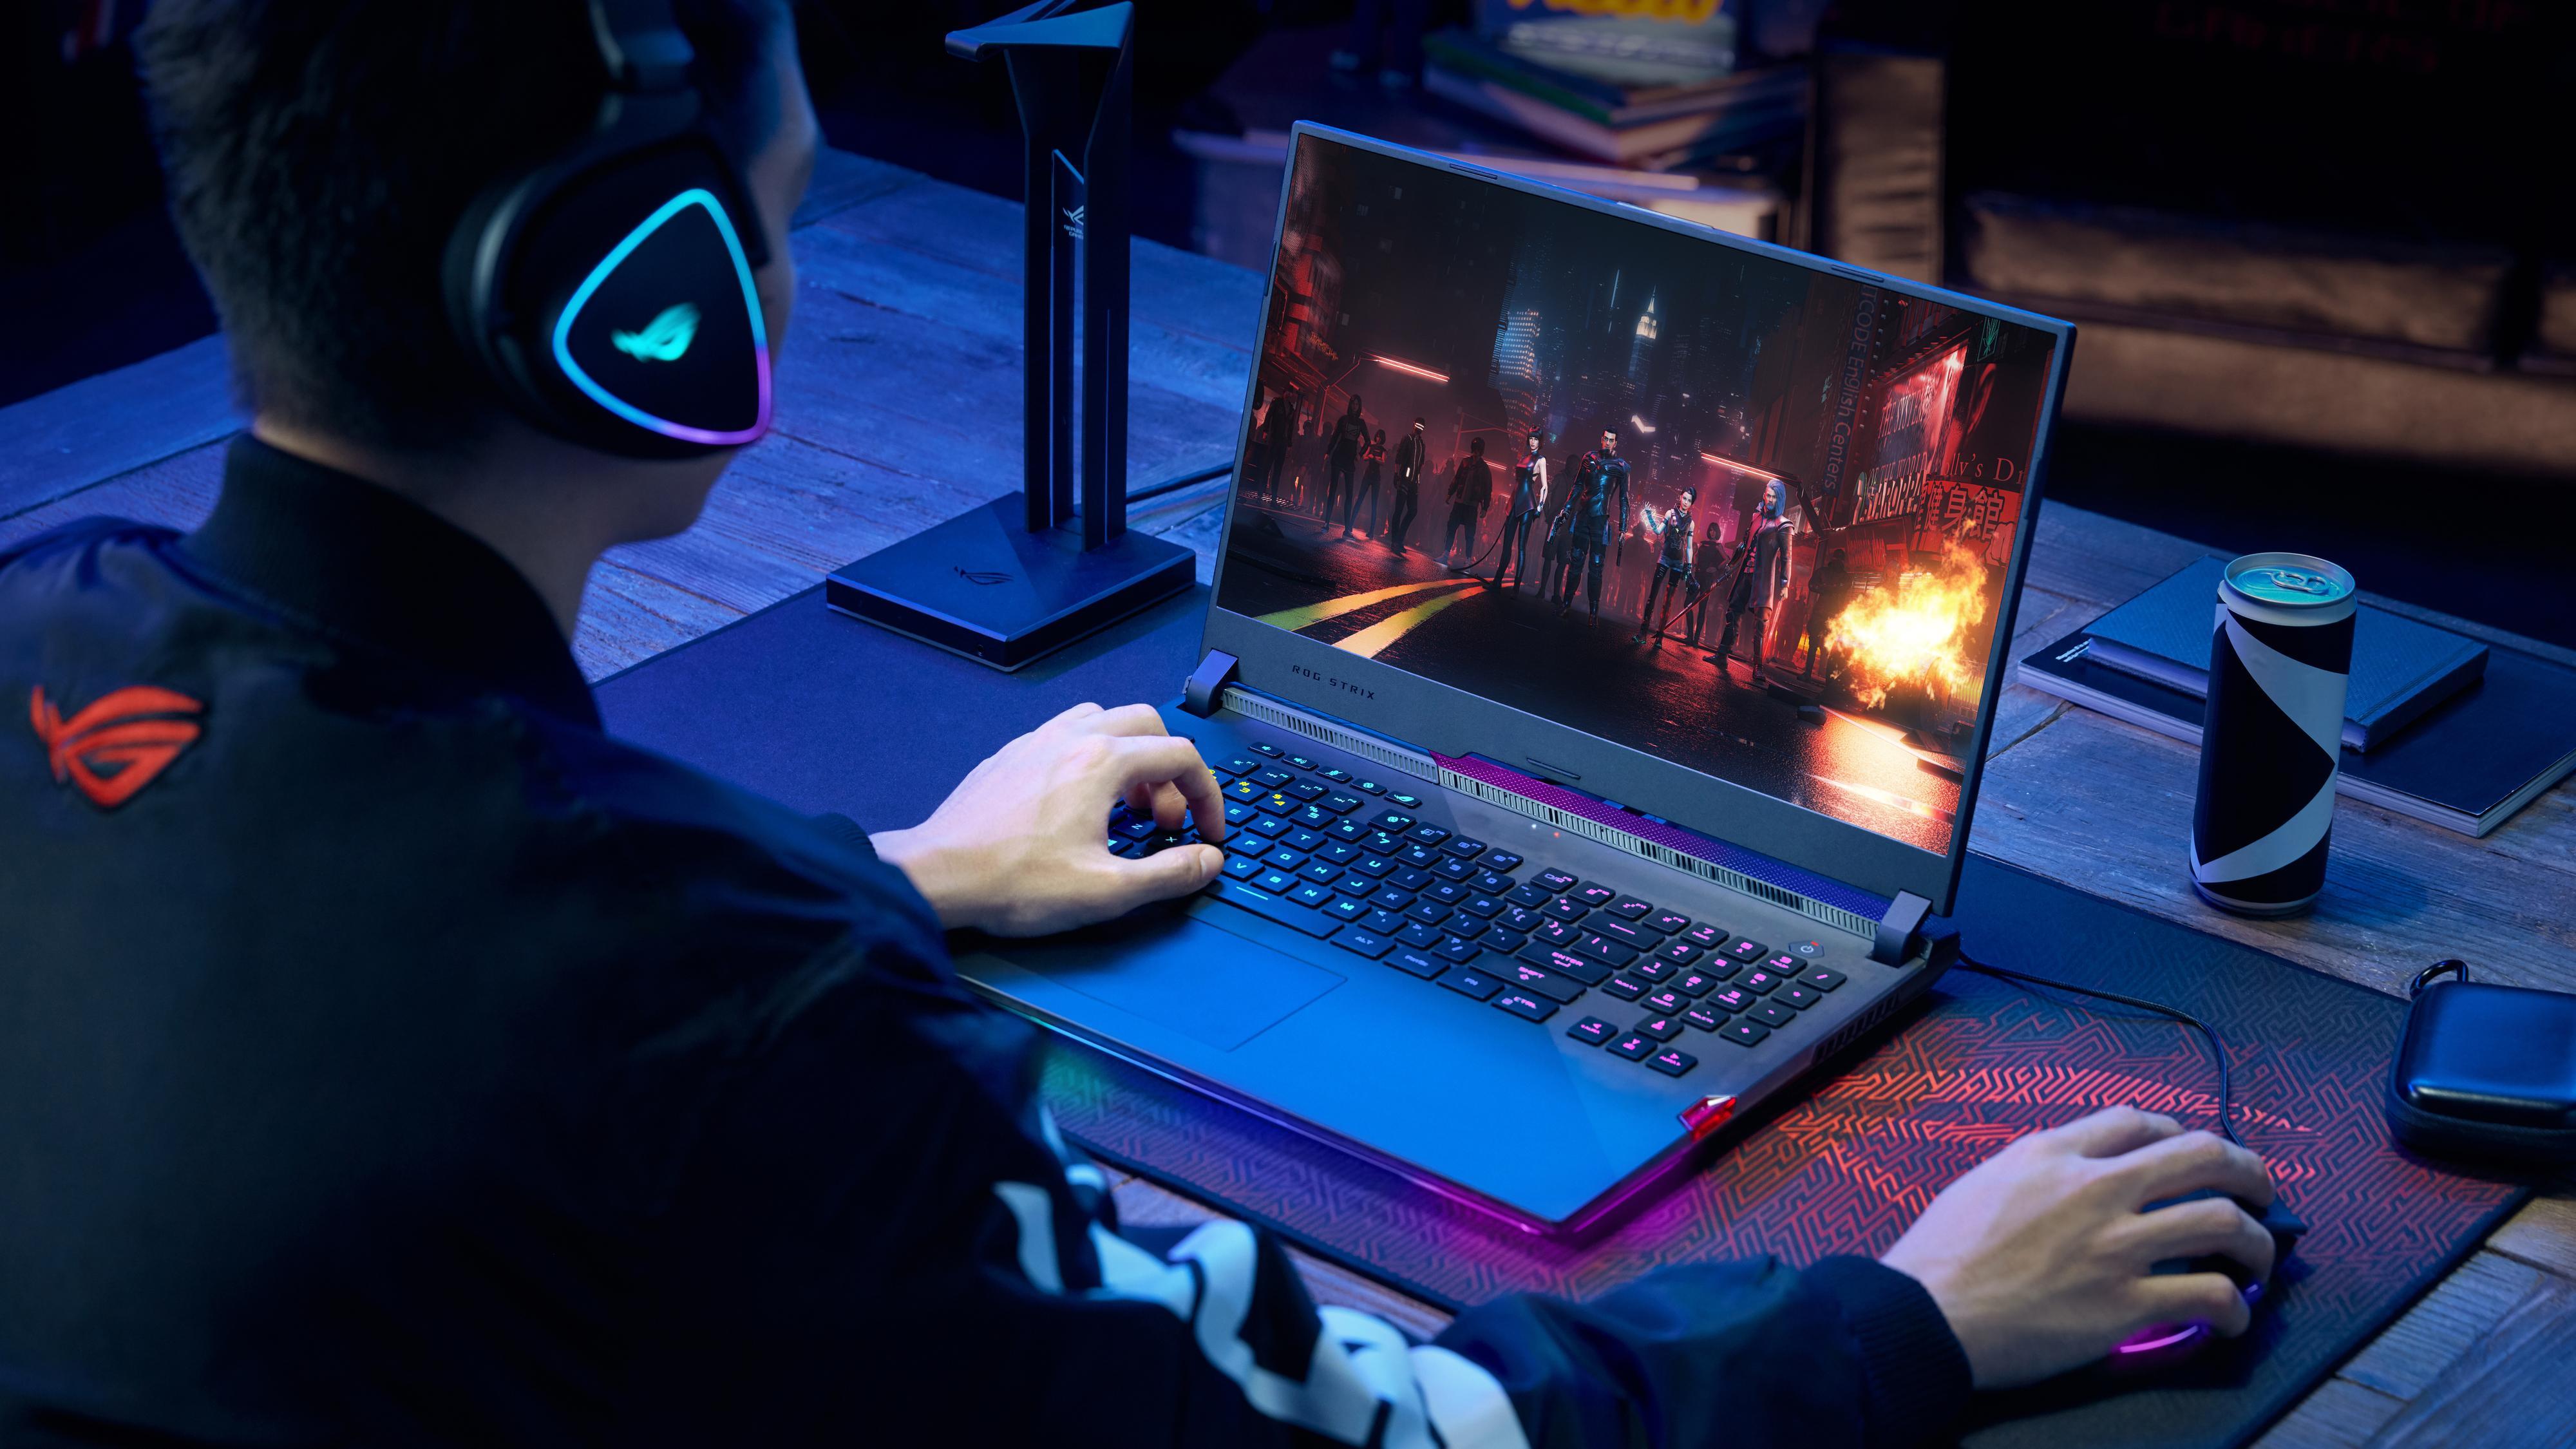 Asus lanserer gaminglaptop med verdens raskeste skjerm